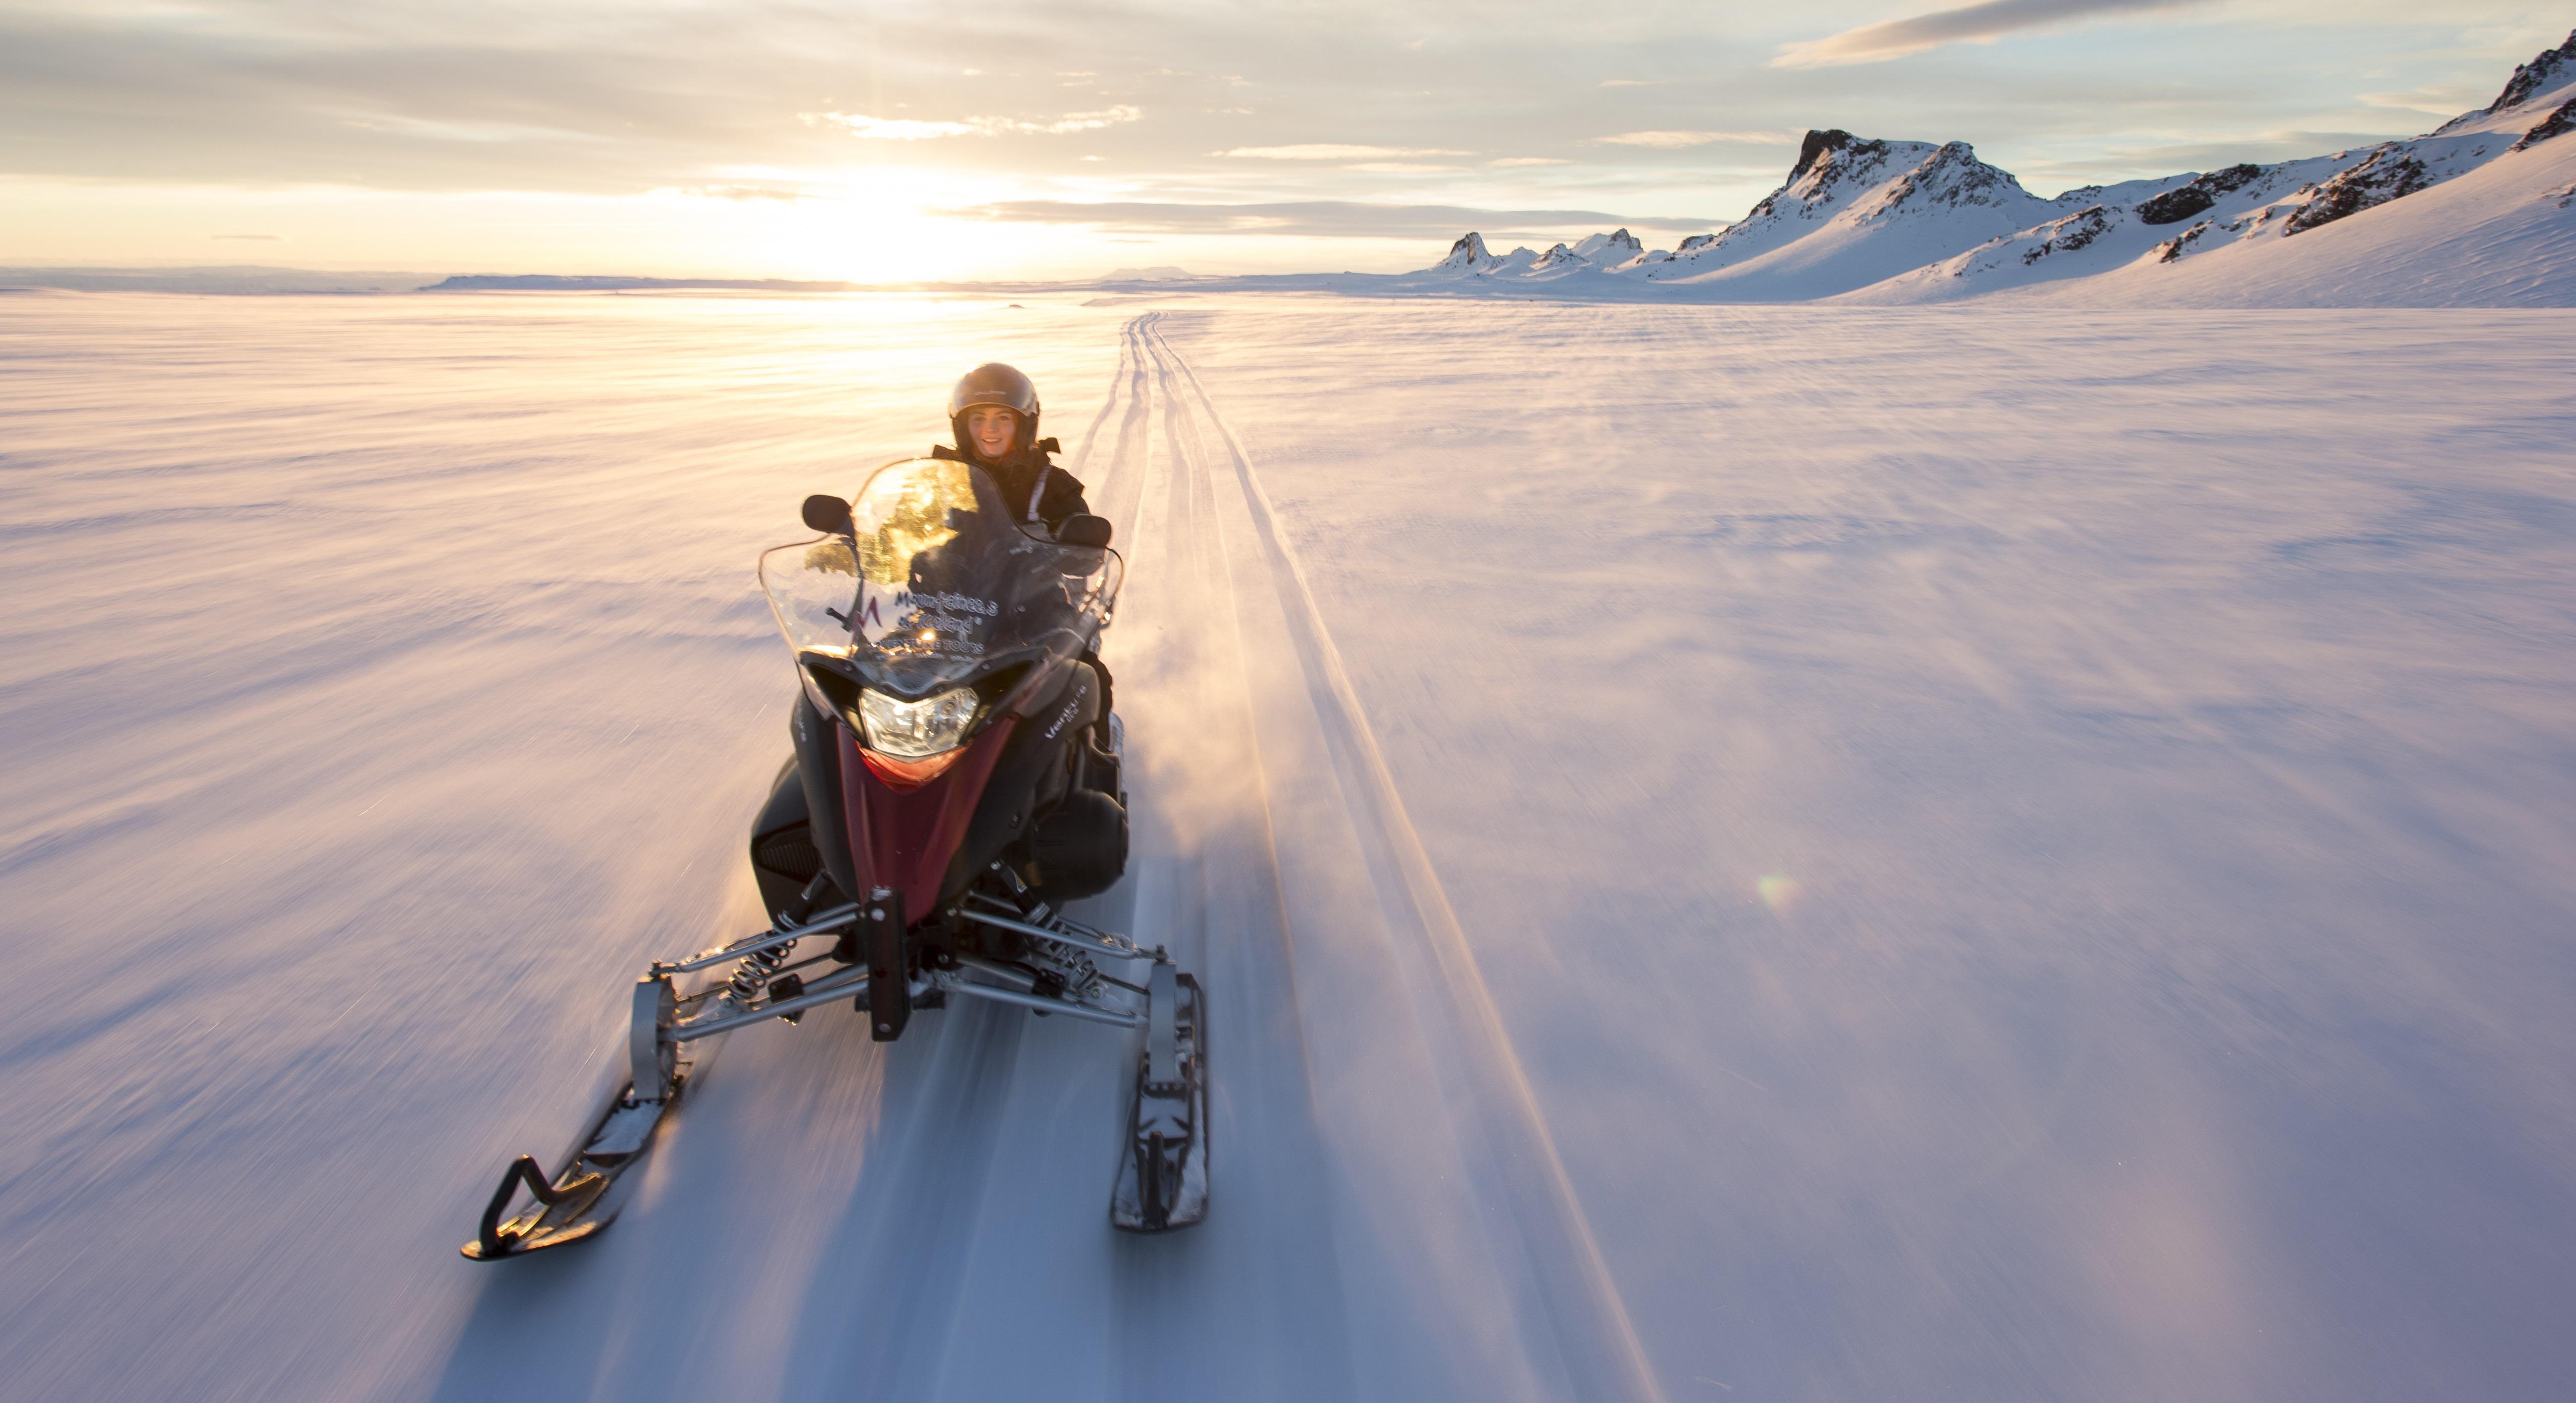 เพลิดเพลินกับสโนว์โมบิลแอดเวนเจอร์ที่ด้านบนของธารน้ำแข็งลางโจกุลในไอซ์แลนด์